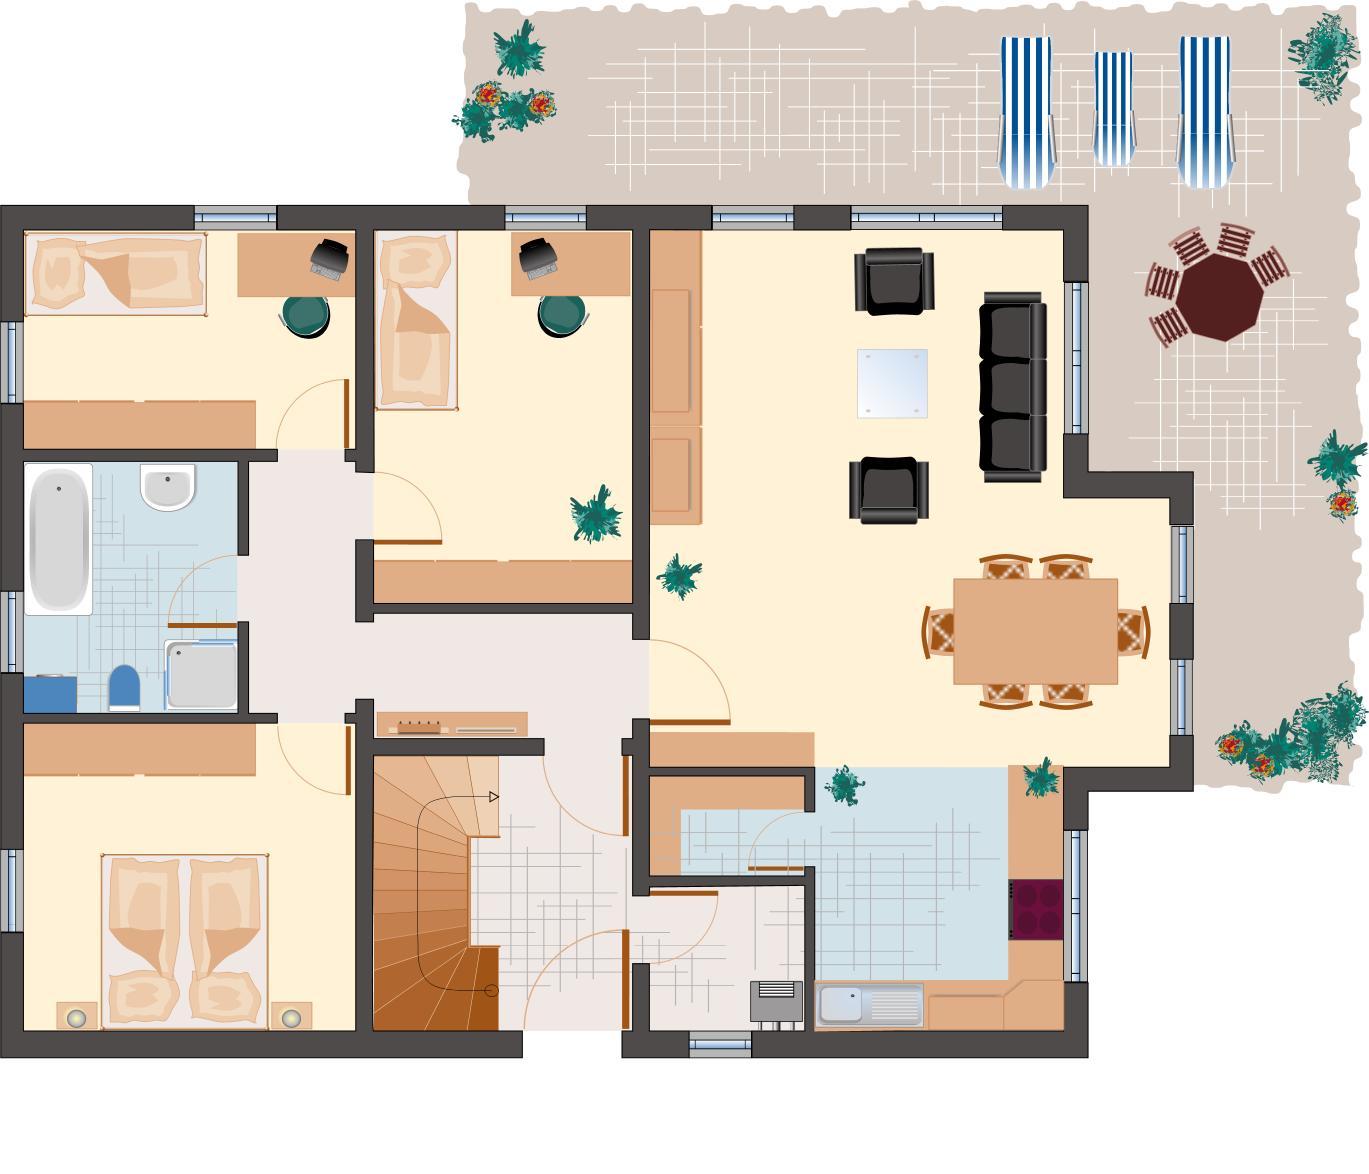 Architektenhaus: Amethyst 217 - Erdgeschoss